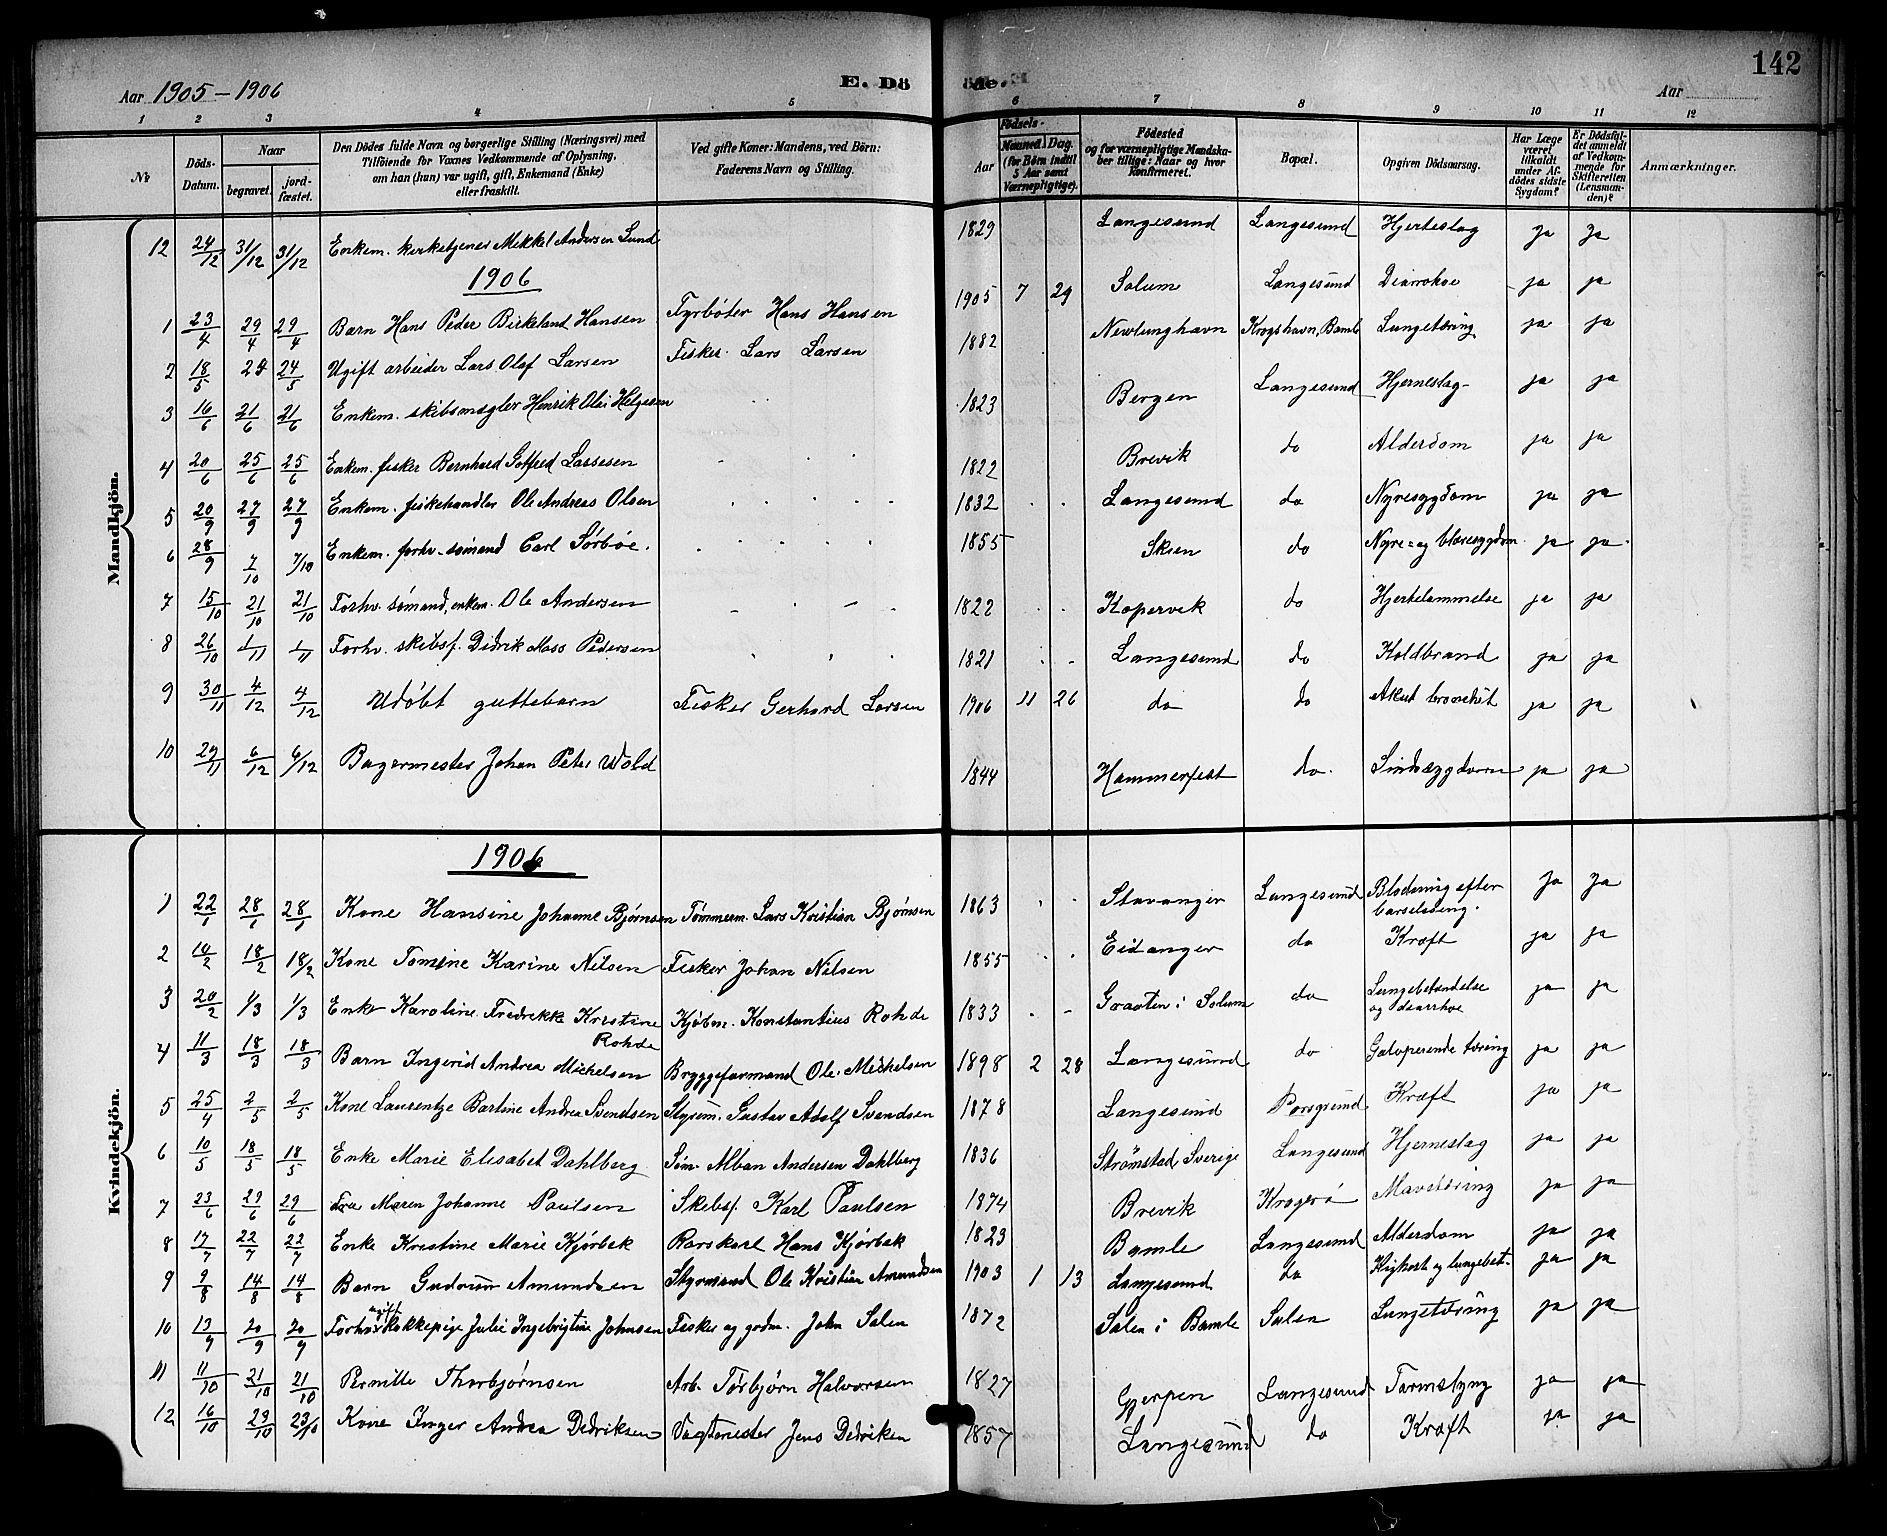 SAKO, Langesund kirkebøker, G/Ga/L0006: Klokkerbok nr. 6, 1899-1918, s. 142